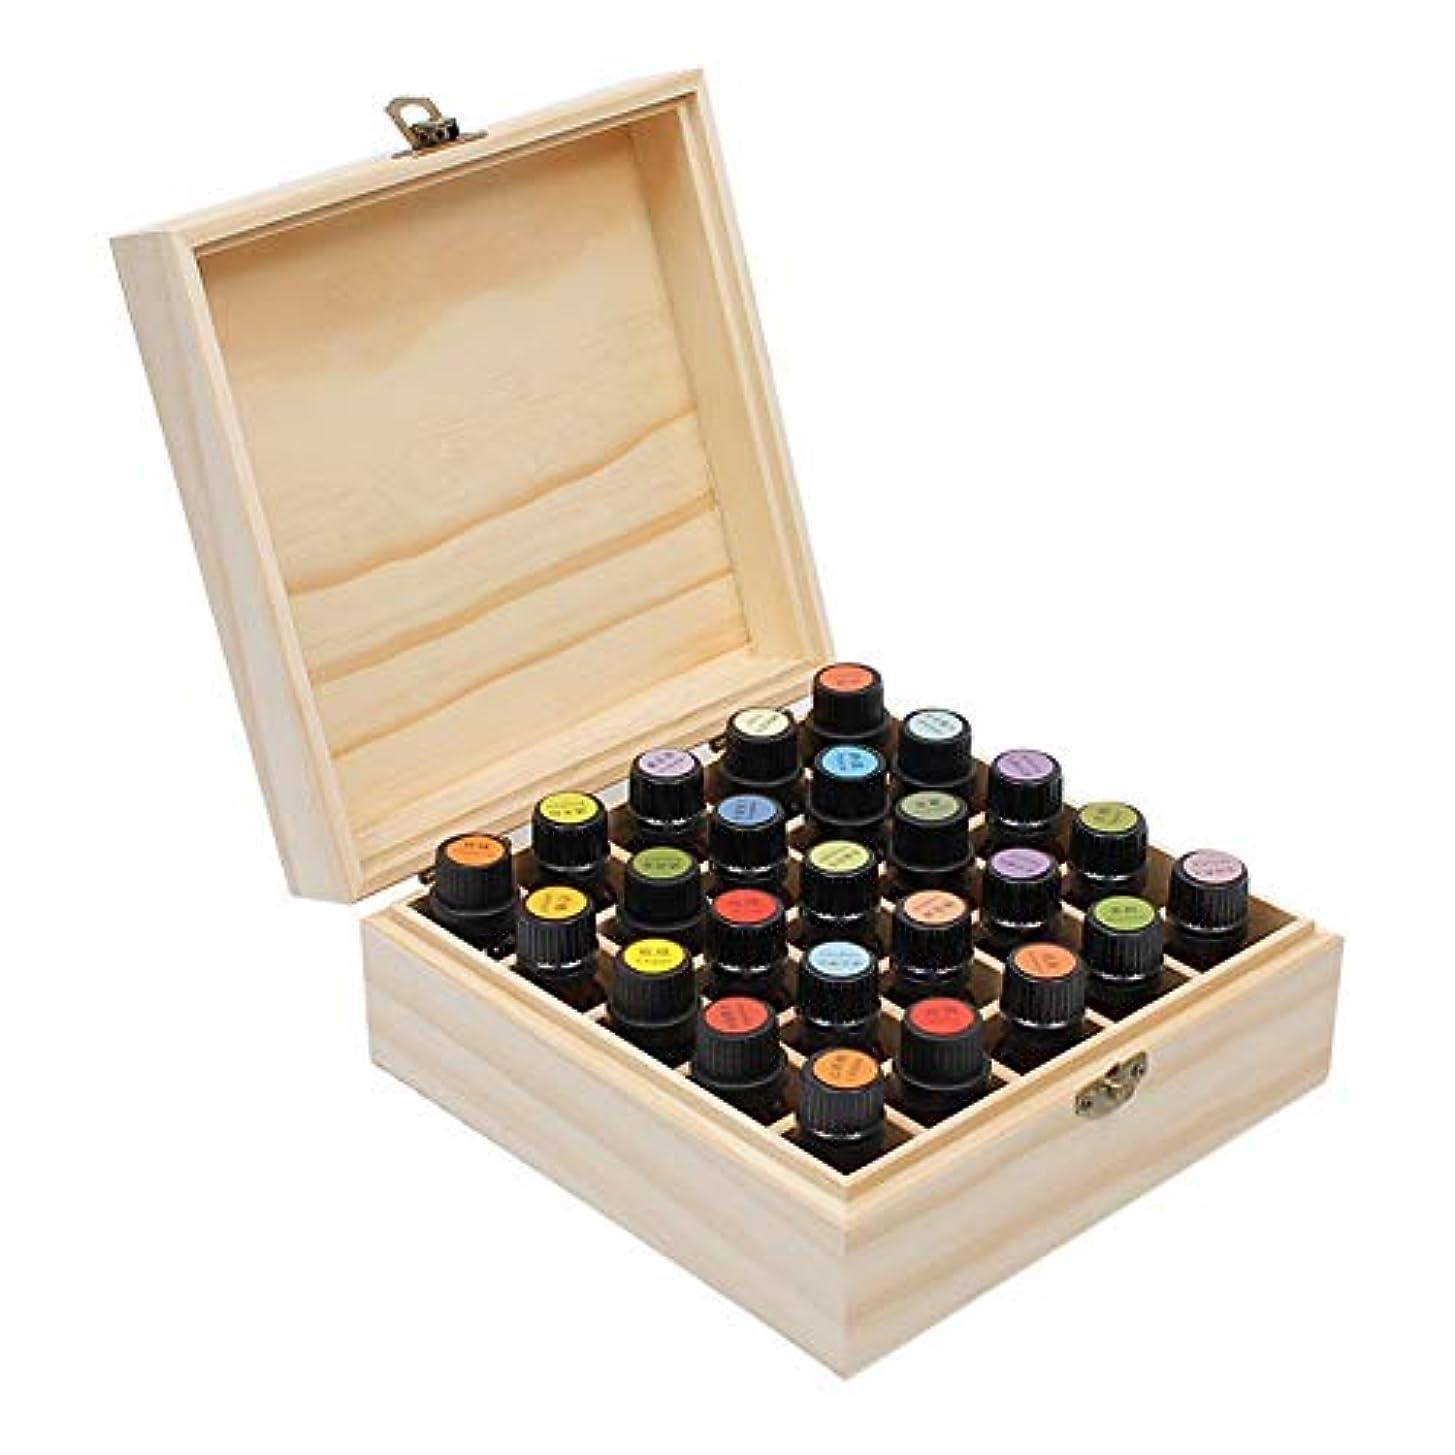 倉庫晴れ古風なエッセンシャルオイル収納ボックス 25本用 木製エッセンシャルオイルボックス メイクポーチ 精油収納ケース 携帯用 自然ウッド精油収納ボックス 香水収納ケース